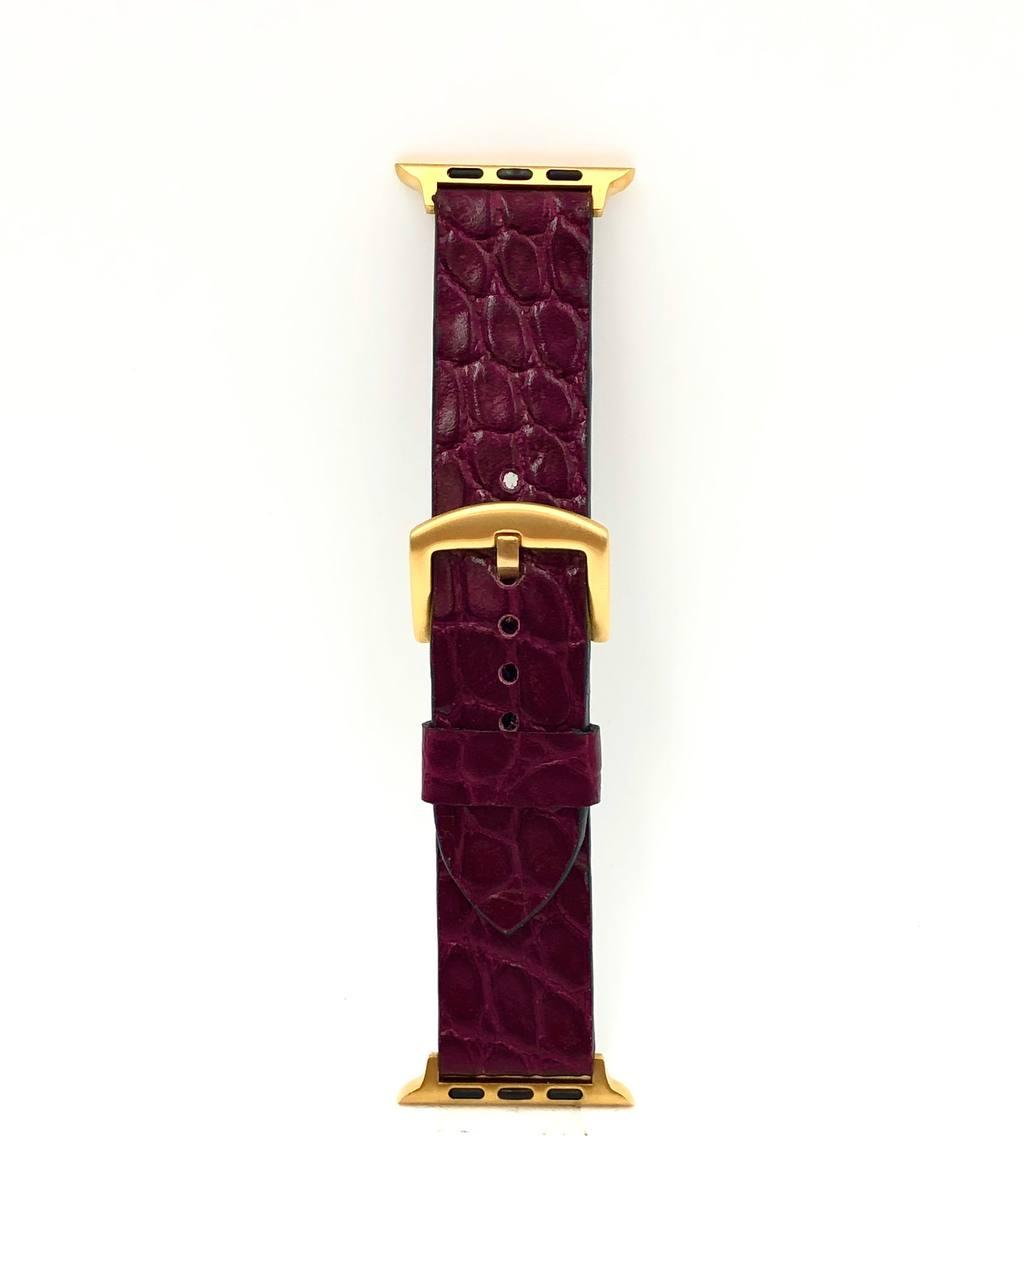 Ремешок для Apple Watch бордового цвета из Телячьей кожи тиснёной под Крокодила